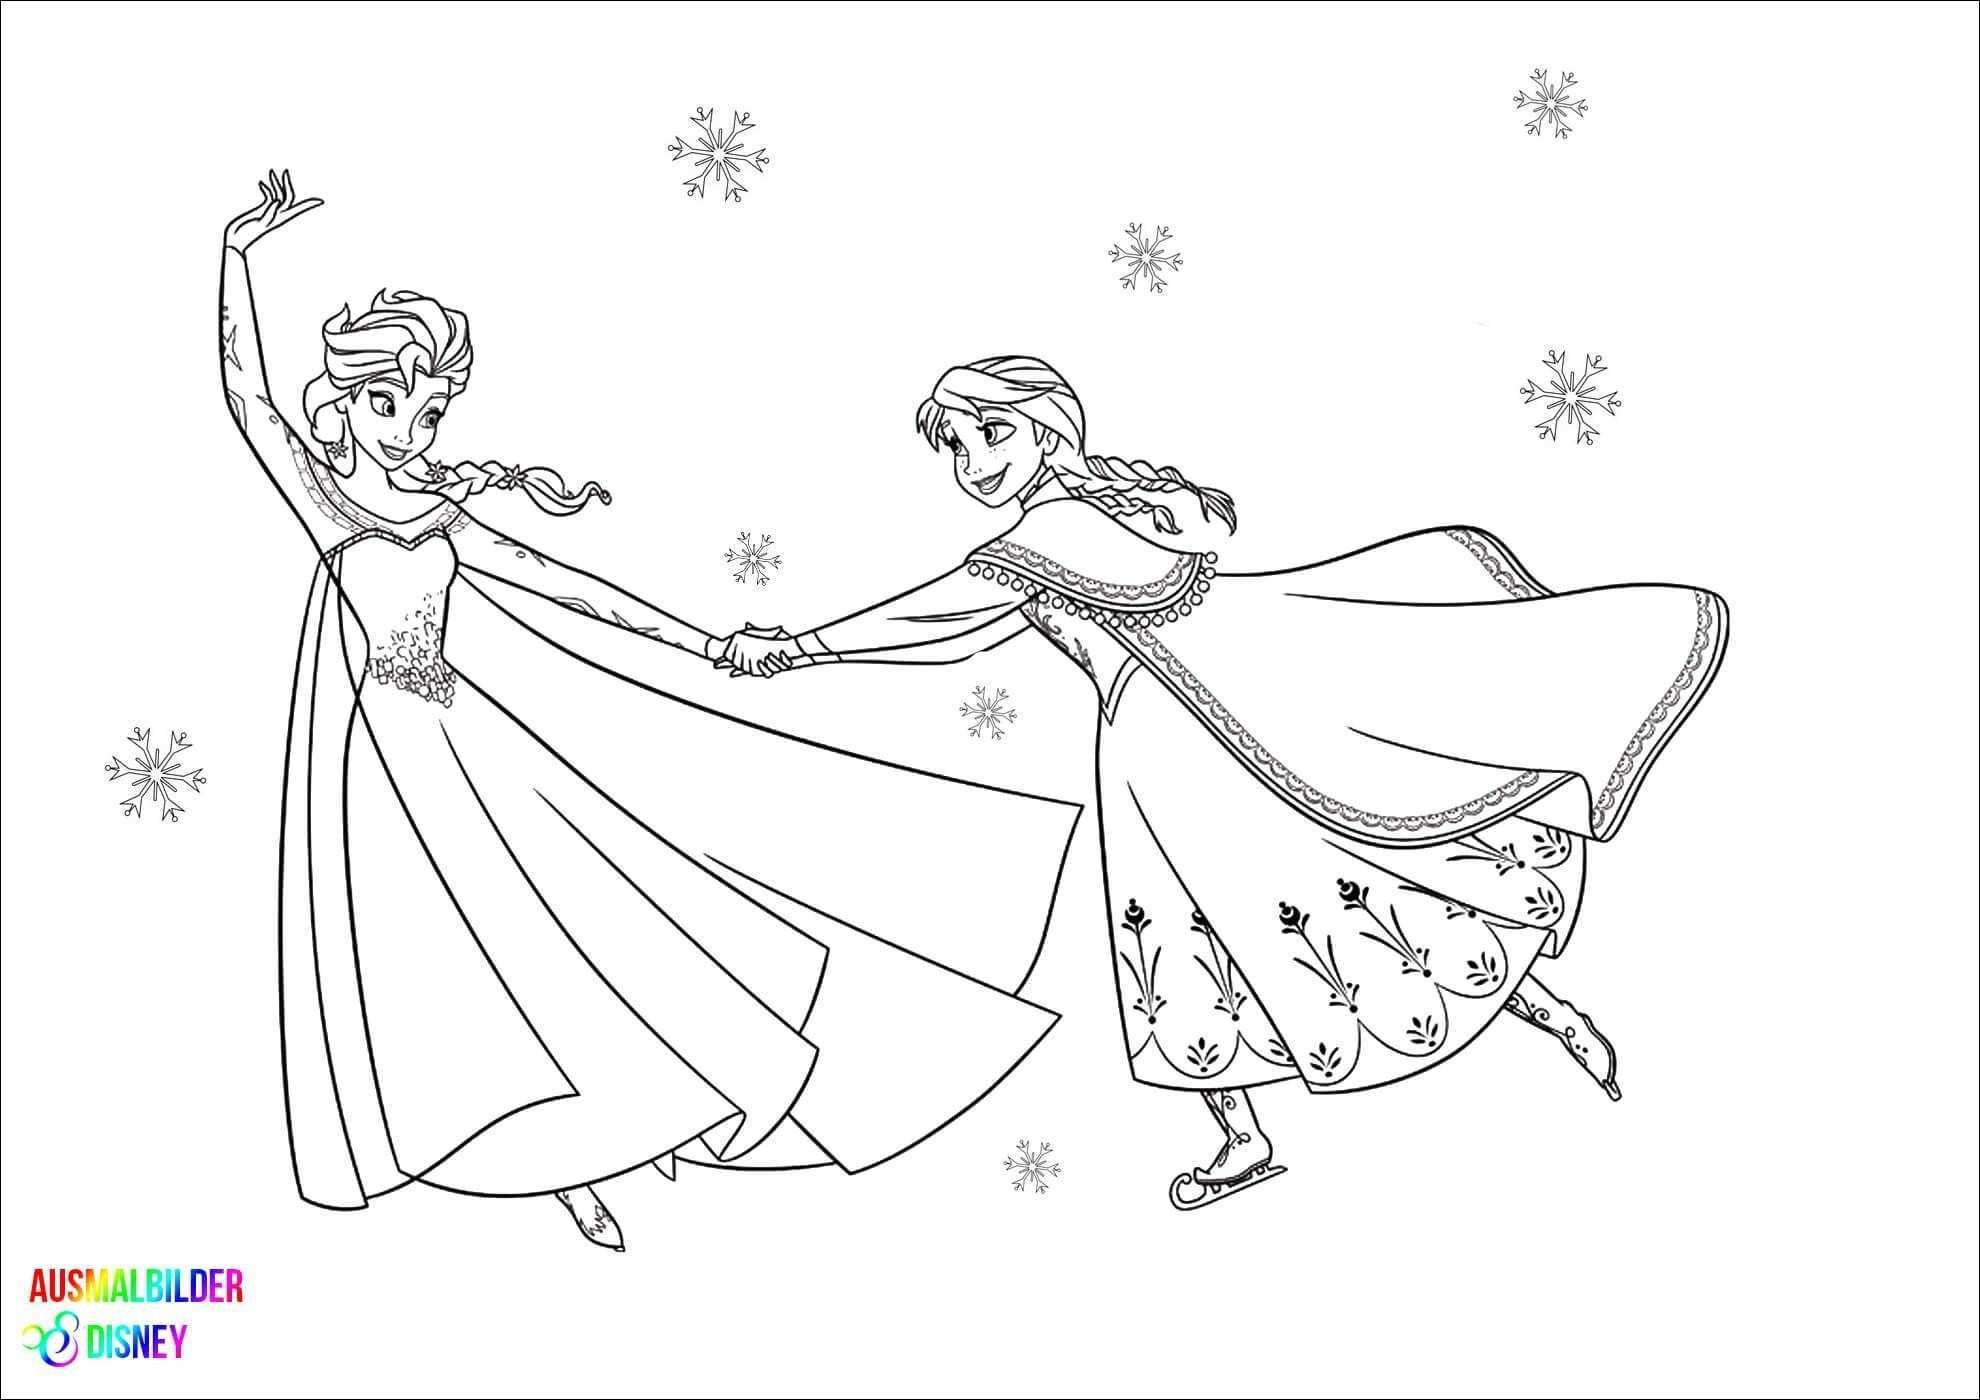 Malvorlagen Elsa Und Anna Einzigartig Elsa Anna Ausmalbild Bild 40 Frozen Elsa Malvorlagen Scoredatscore Bild